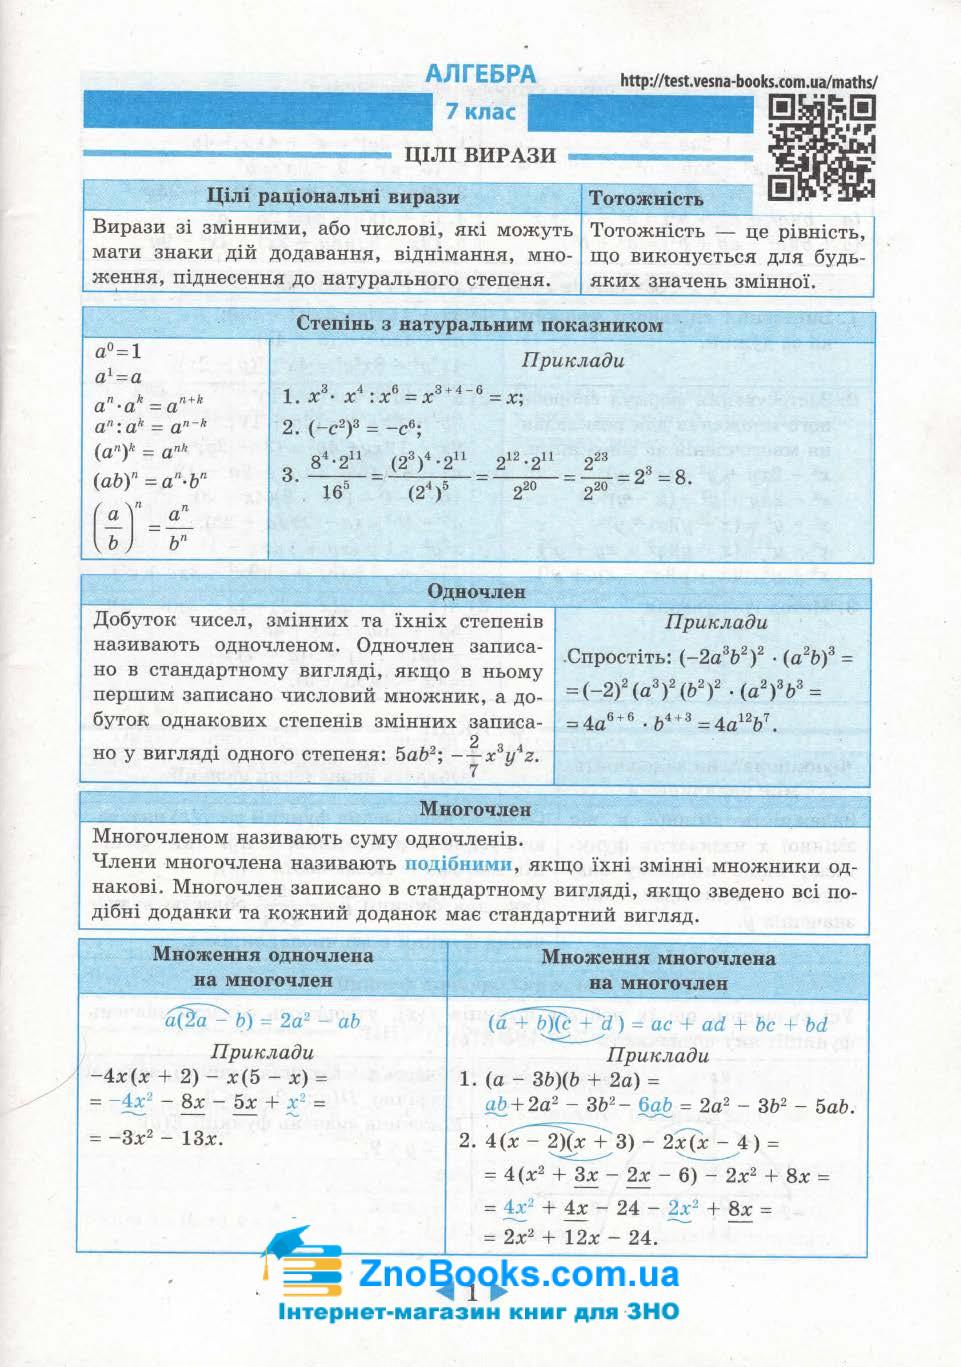 Довідник 7-11 клас з алгебри та геометрії. Підготовка до ЗНО та ДПА. Гальперіна А. Весна 2